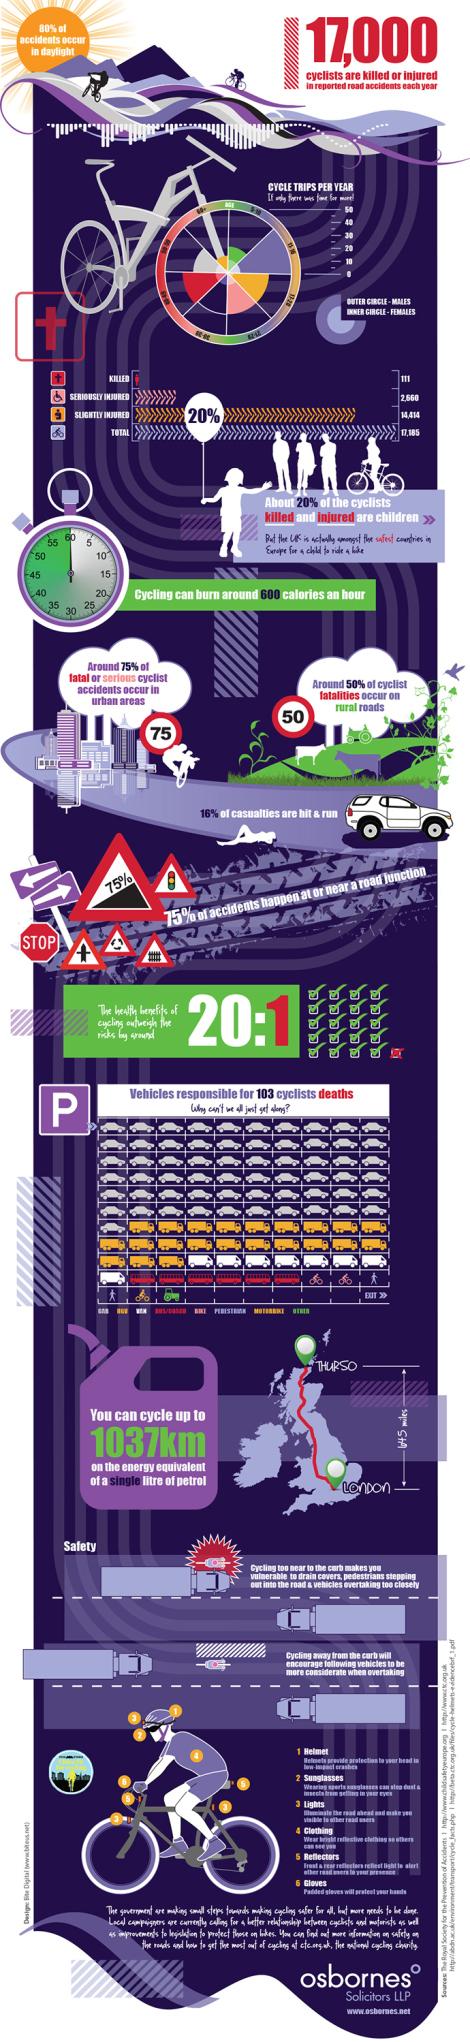 osbornes_infographic_unbranded_web